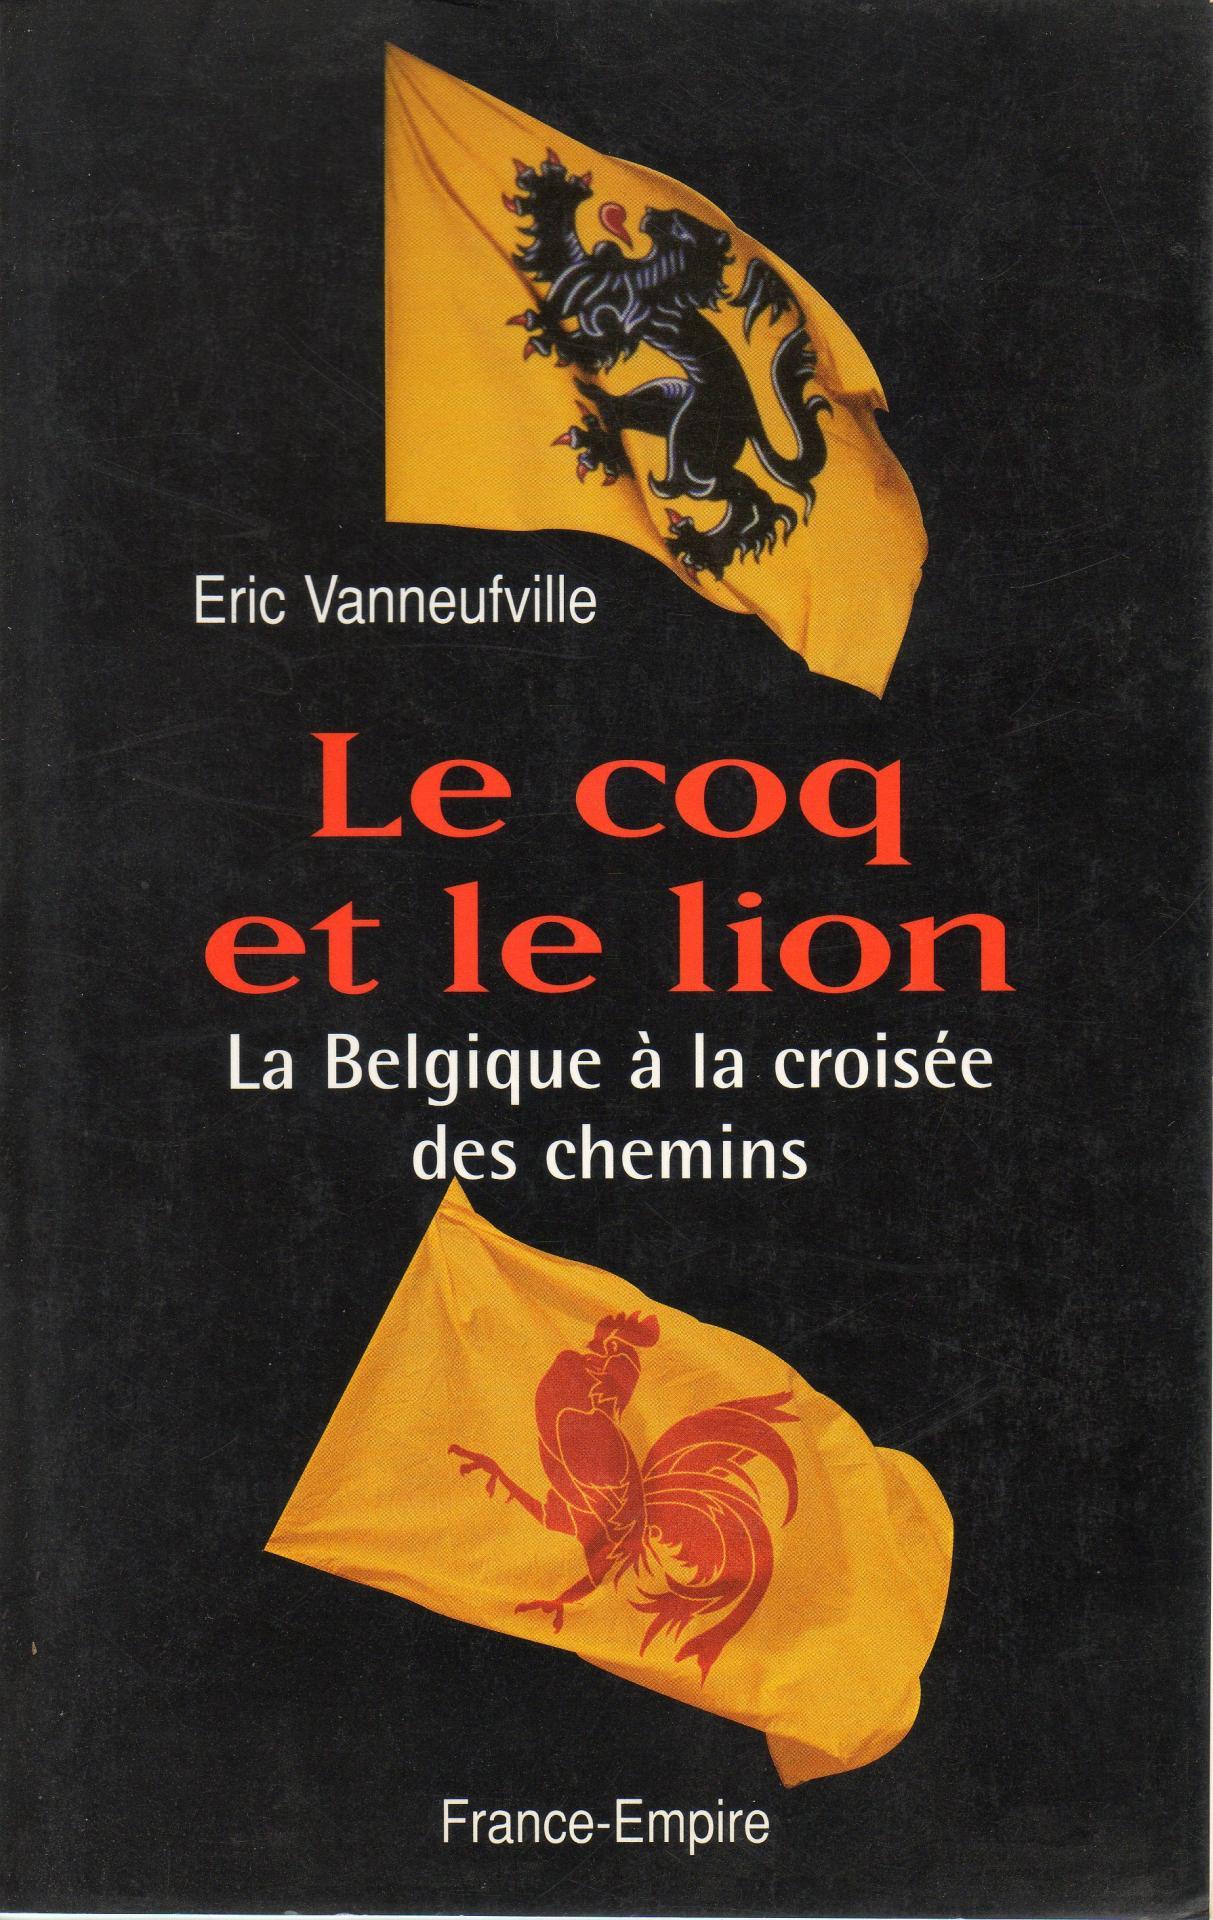 Coq et lion